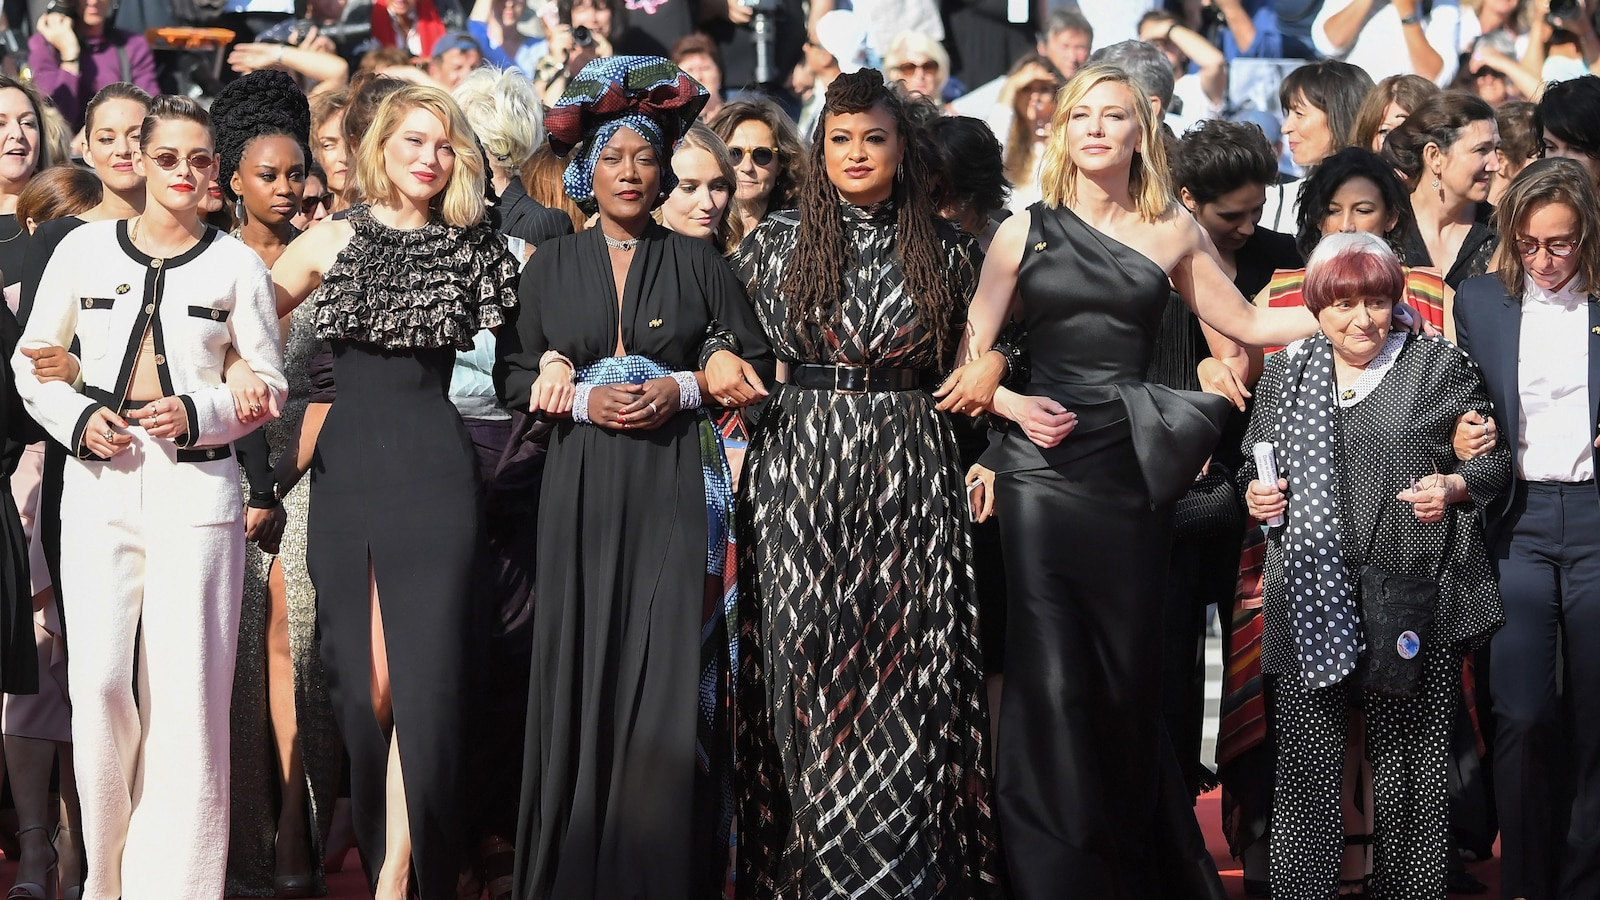 Des dizaines de femmes, bras dessus, bras dessous, ont fait une montée des marches historique au Festival de Cannes.